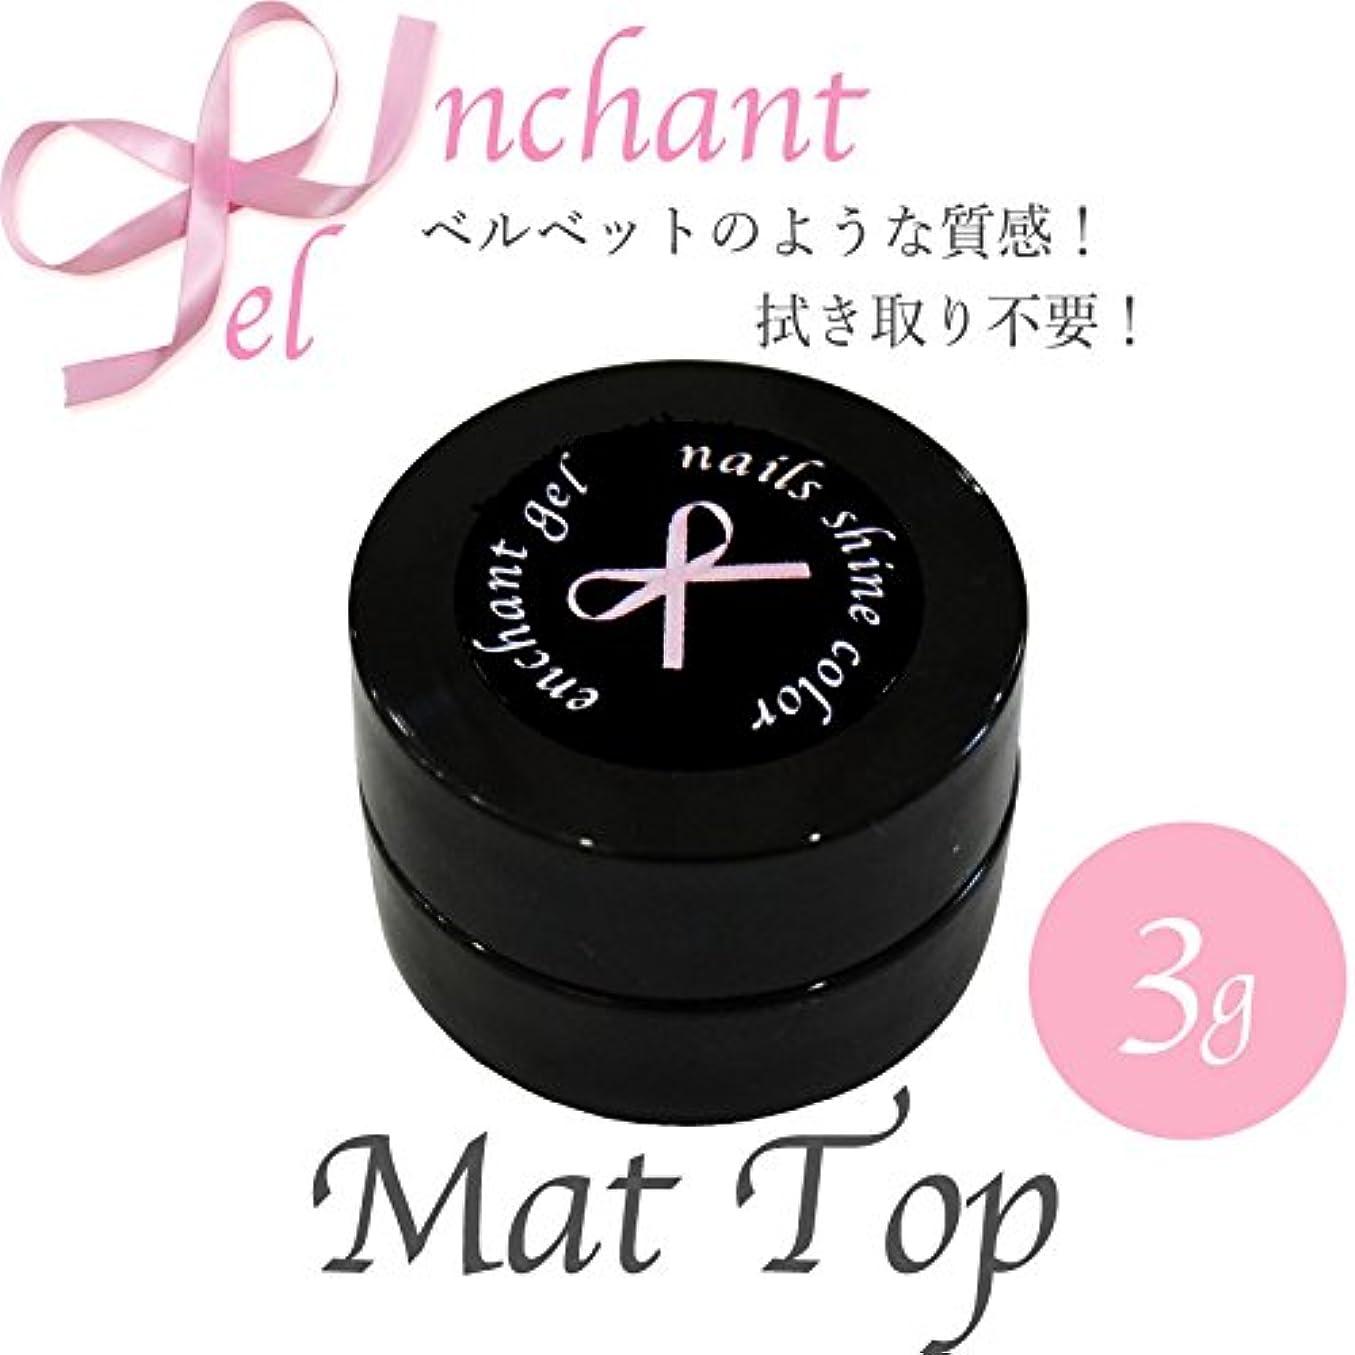 嵐の湾審判enchant gel mat top coat gel 3g/エンチャントジェル マットトップコートジェル 3グラム